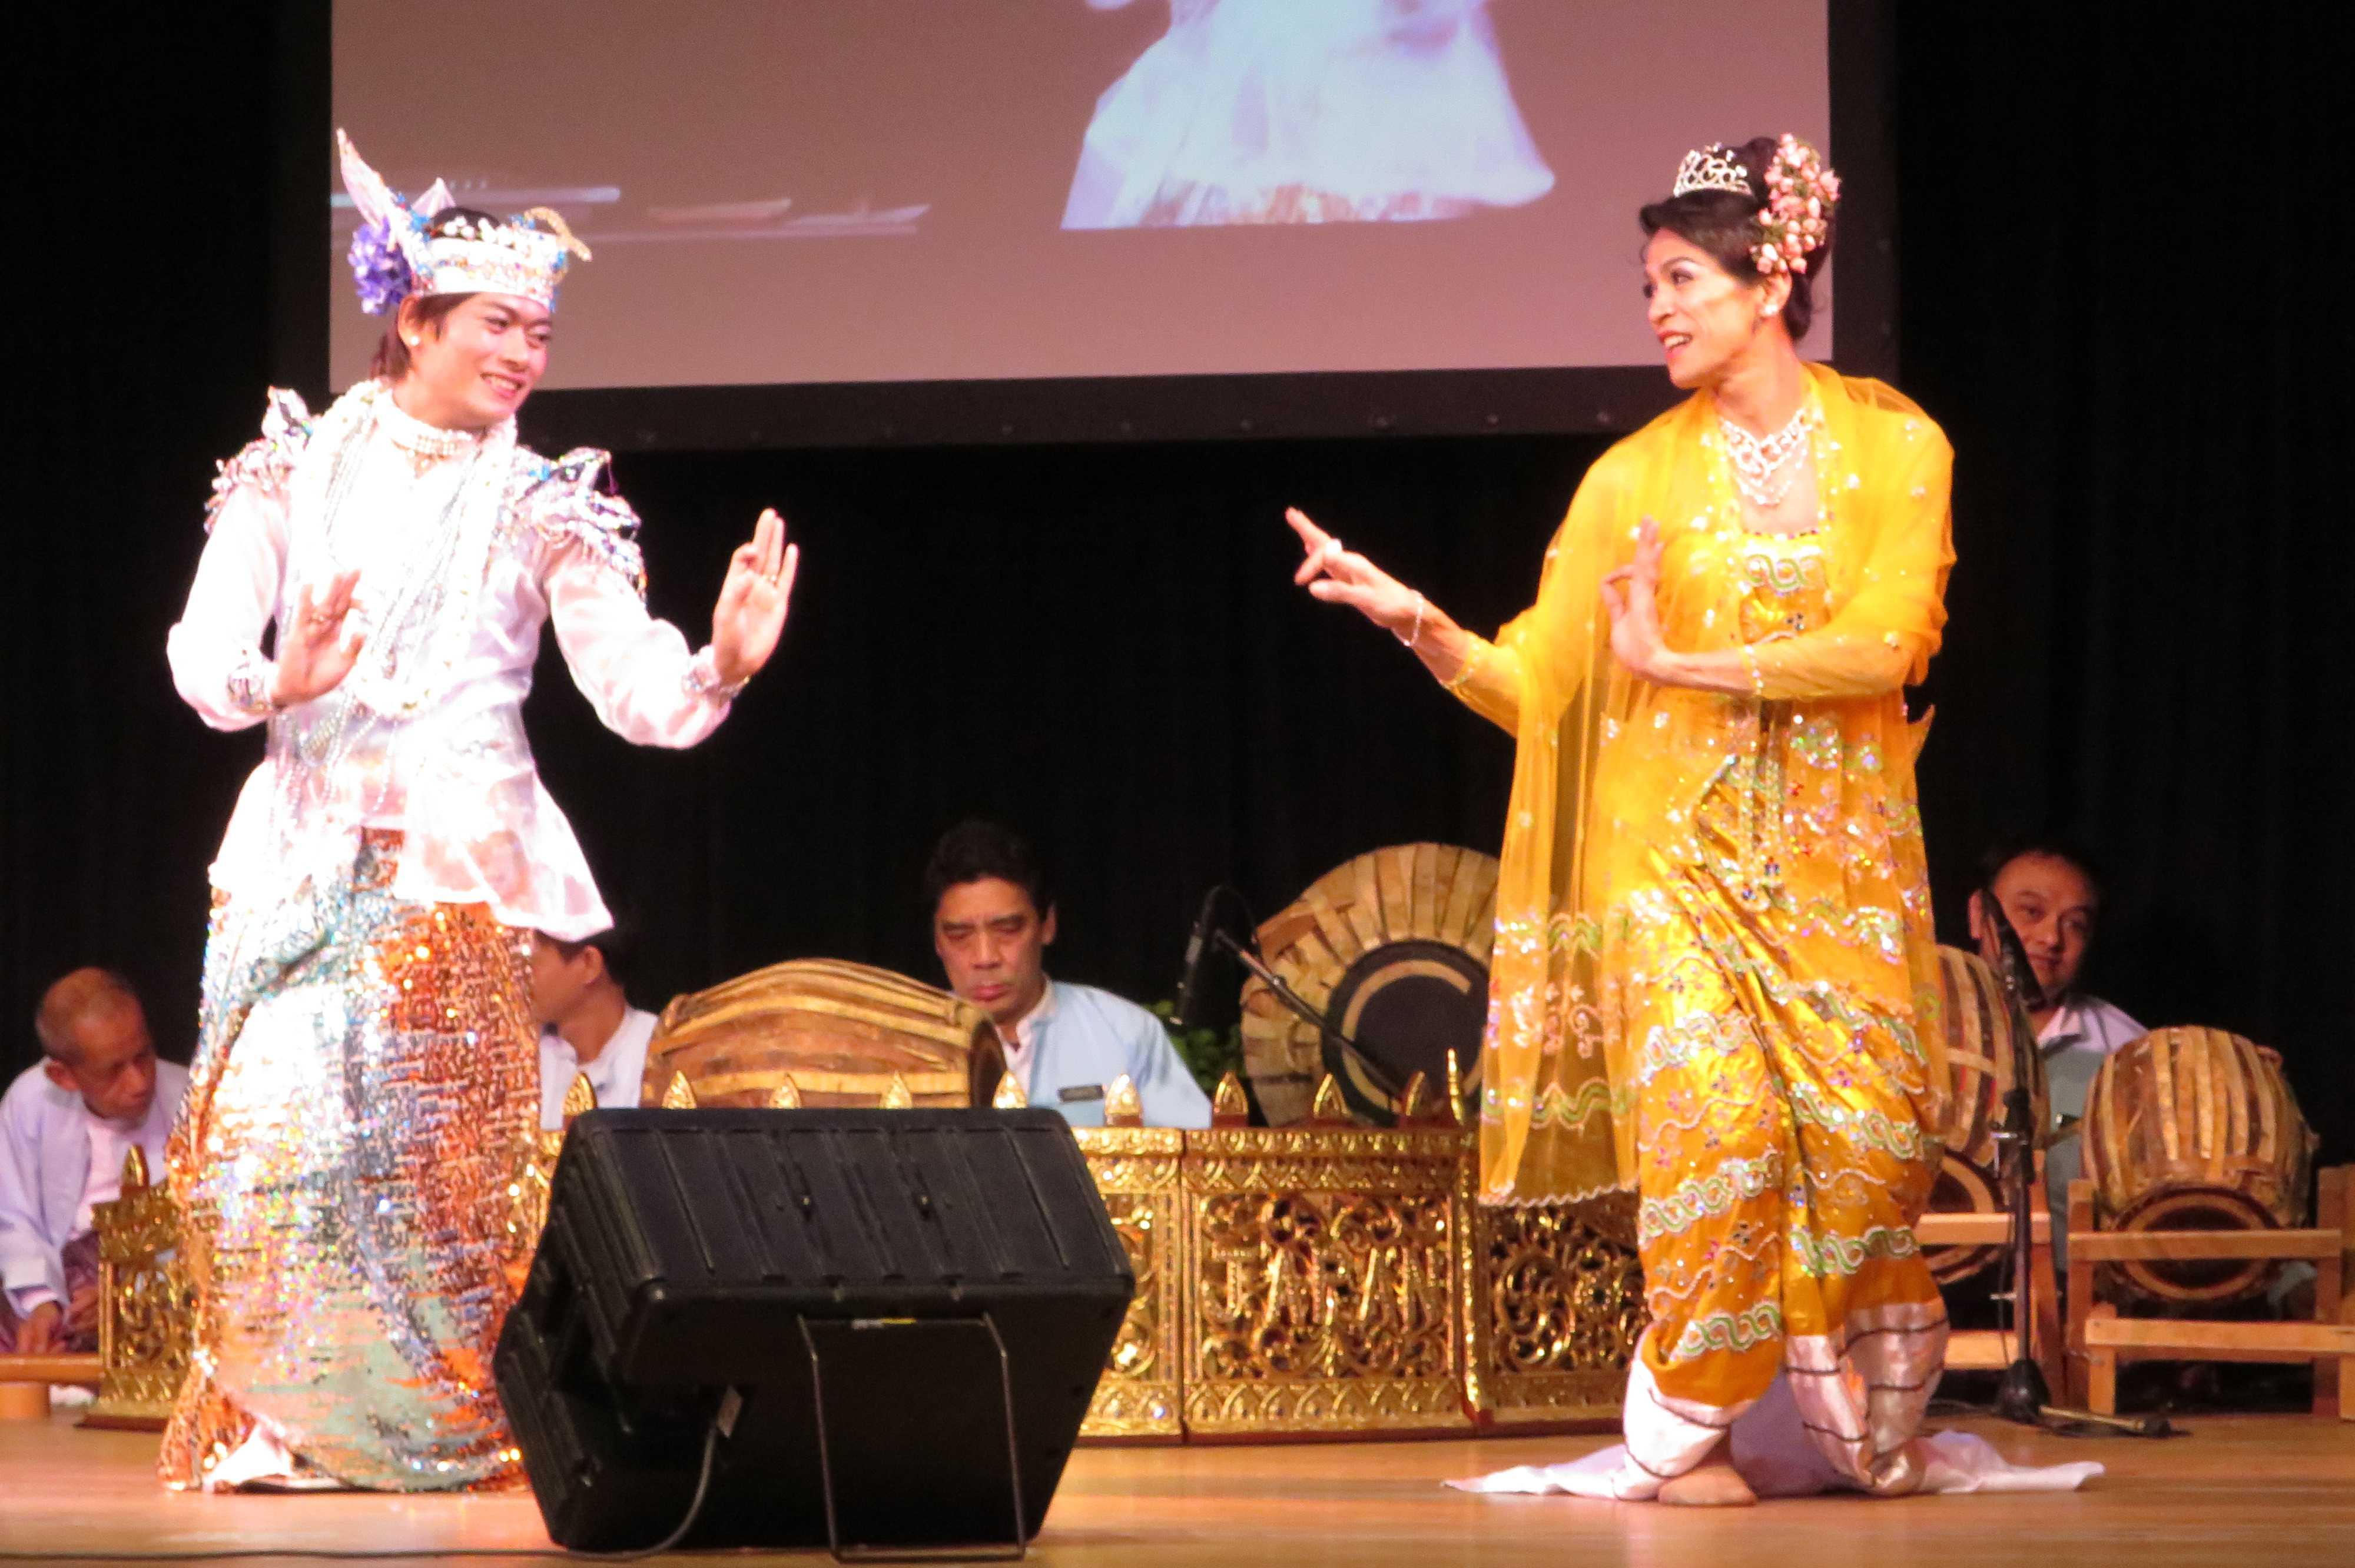 伝統芸能 - ミャンマー祭り2016